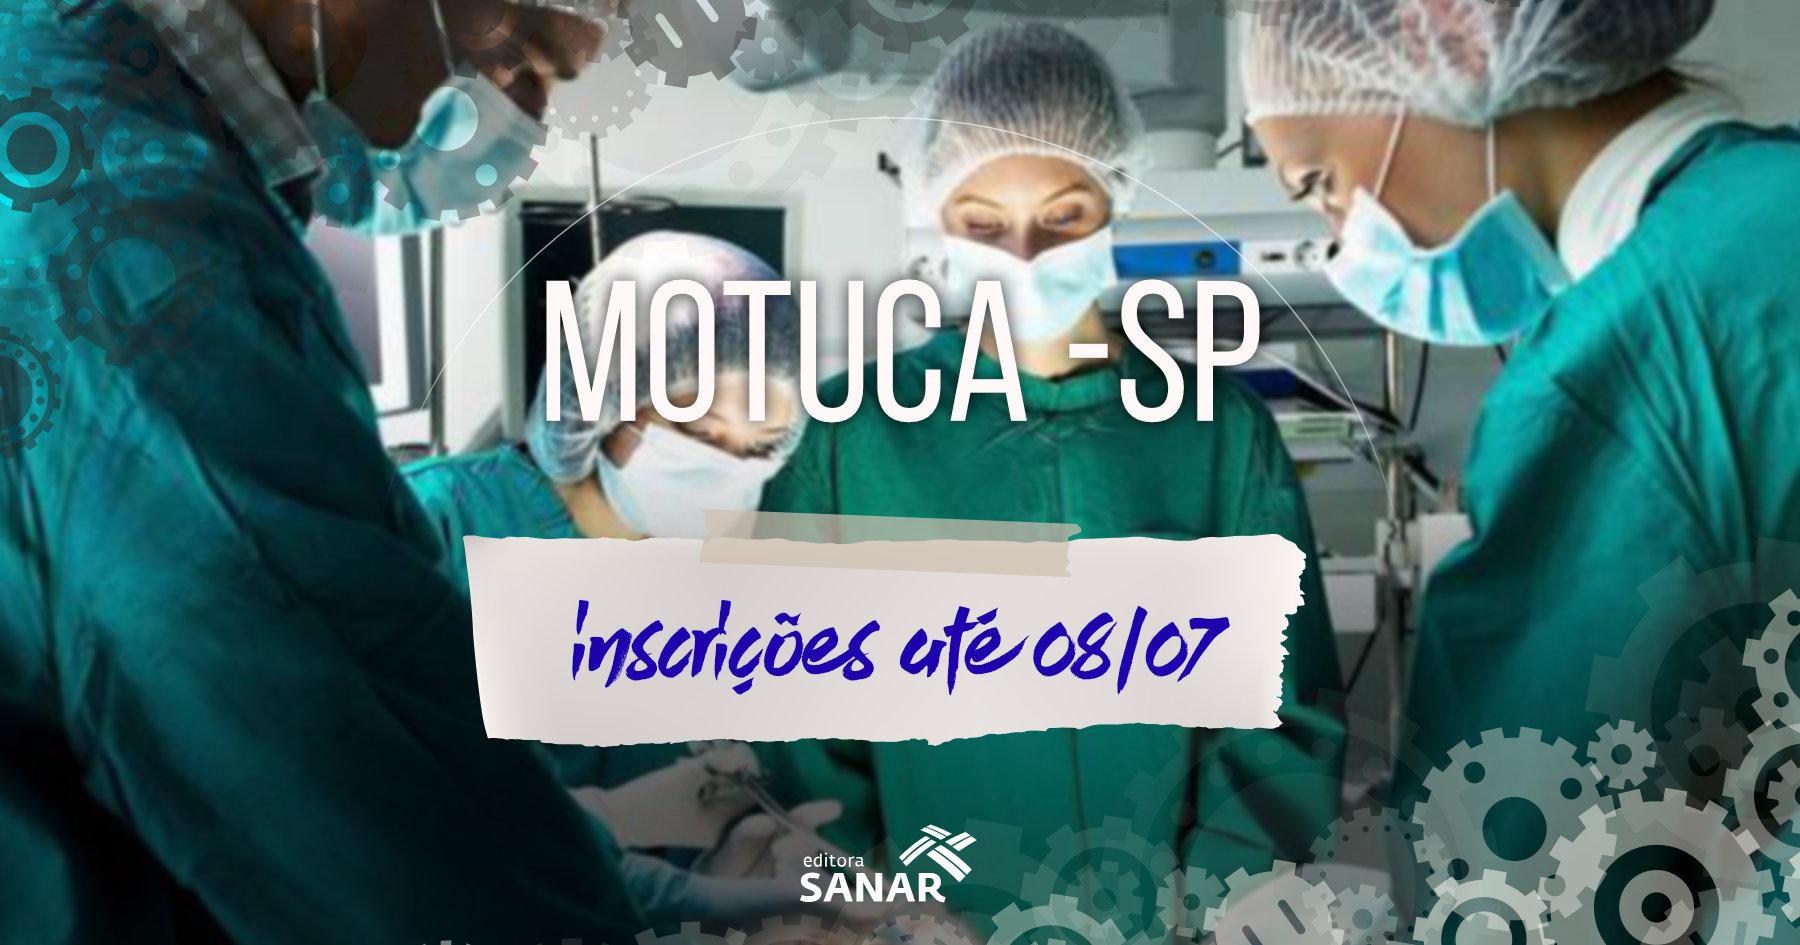 Concurso: Prefeitura de Motuca (SP) seleciona médicos